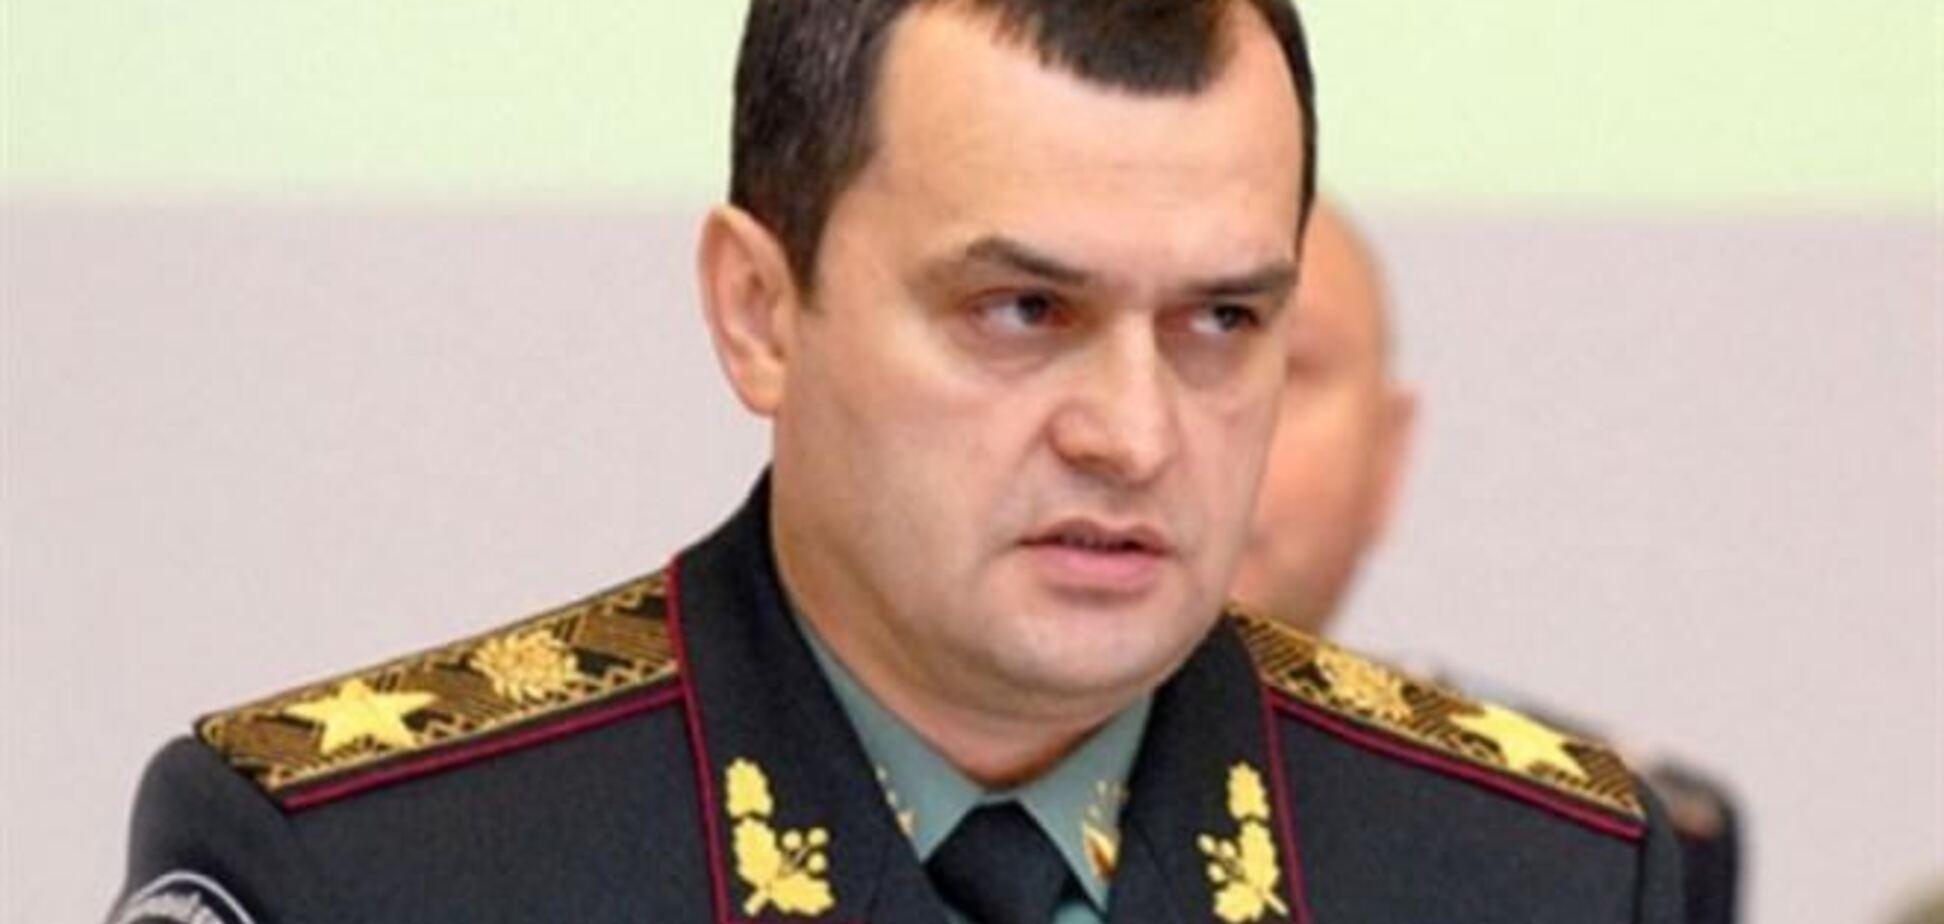 ГПУ вызывает Захарченко на допрос в качестве свидетеля